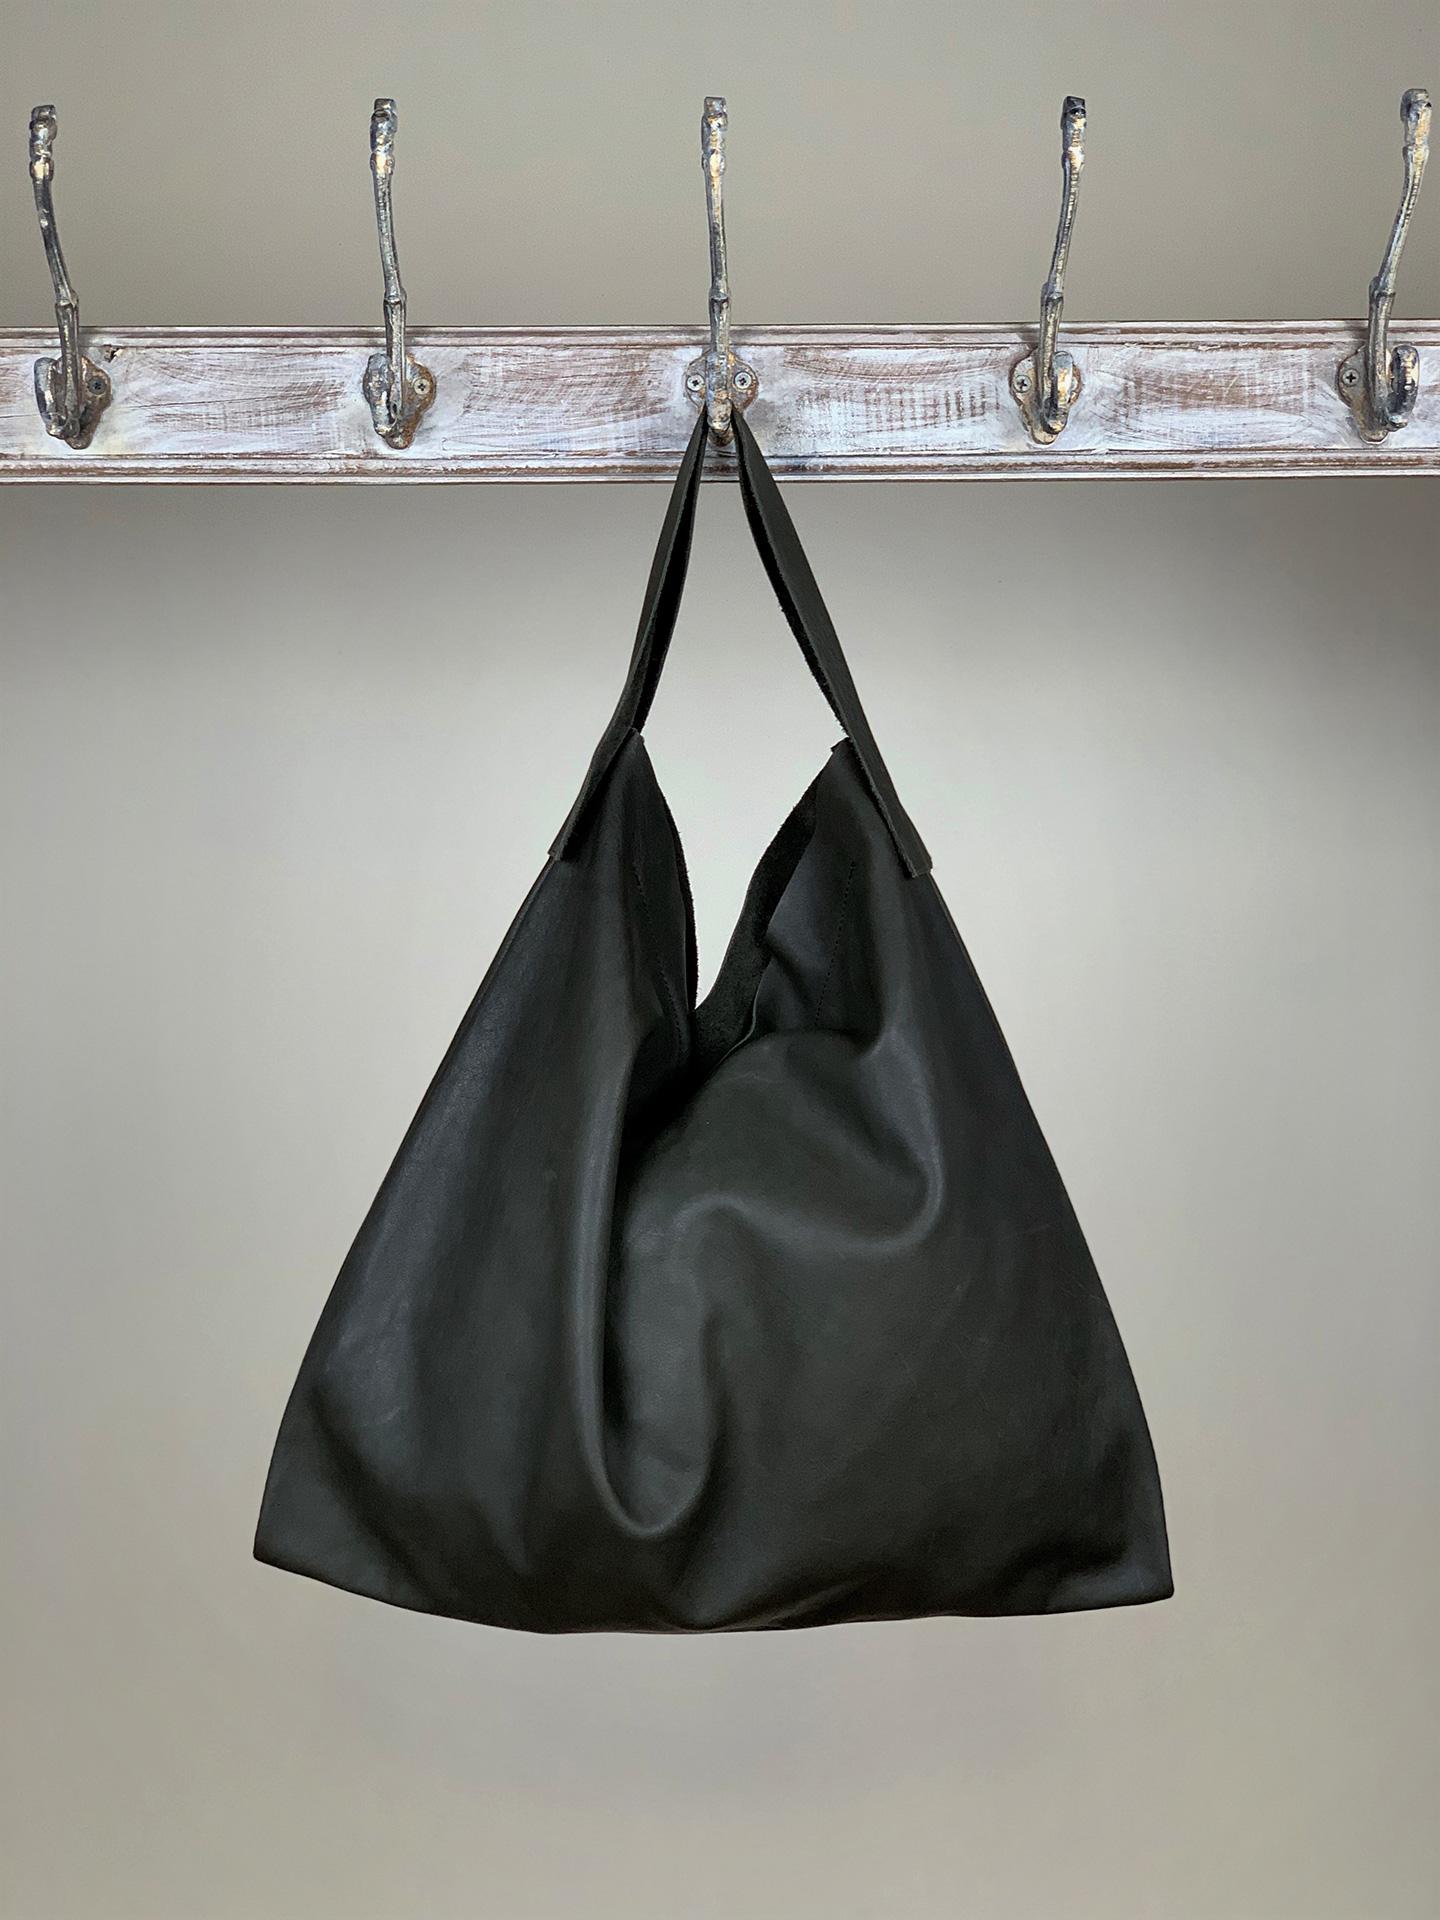 Damen-Handtasche Leder schwarz